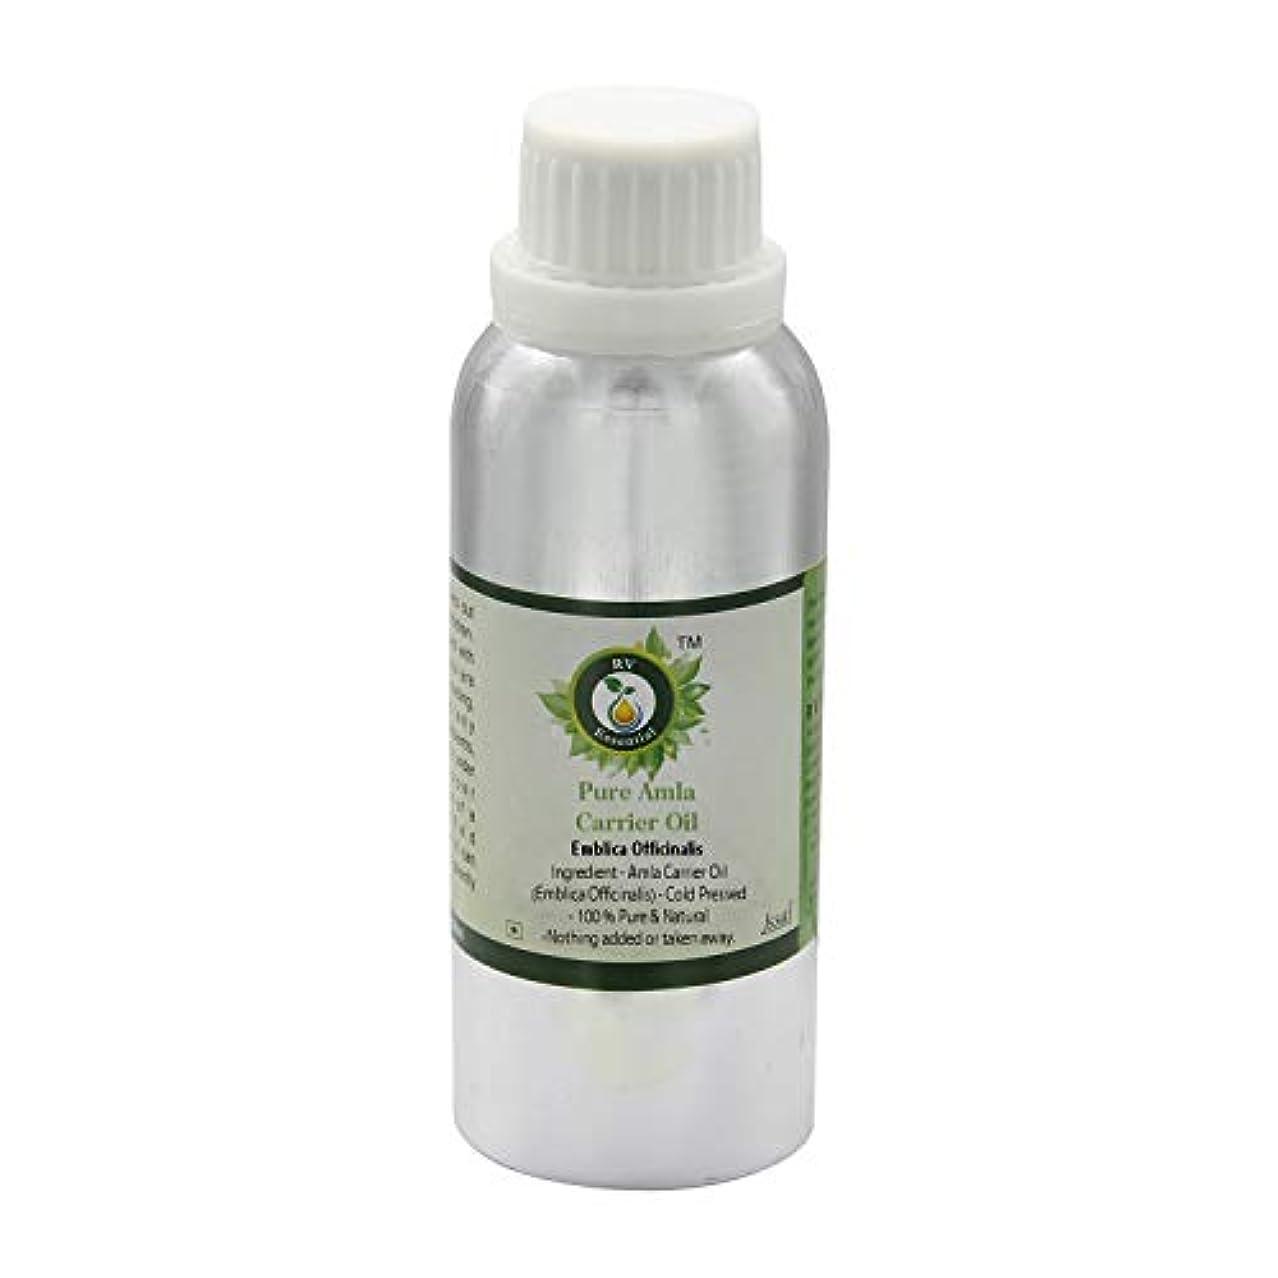 純粋なAmla油630ml (21oz)- Emblica Officinalis (100%純粋で天然の希少ハーブシリーズ) Pure Amla Oil